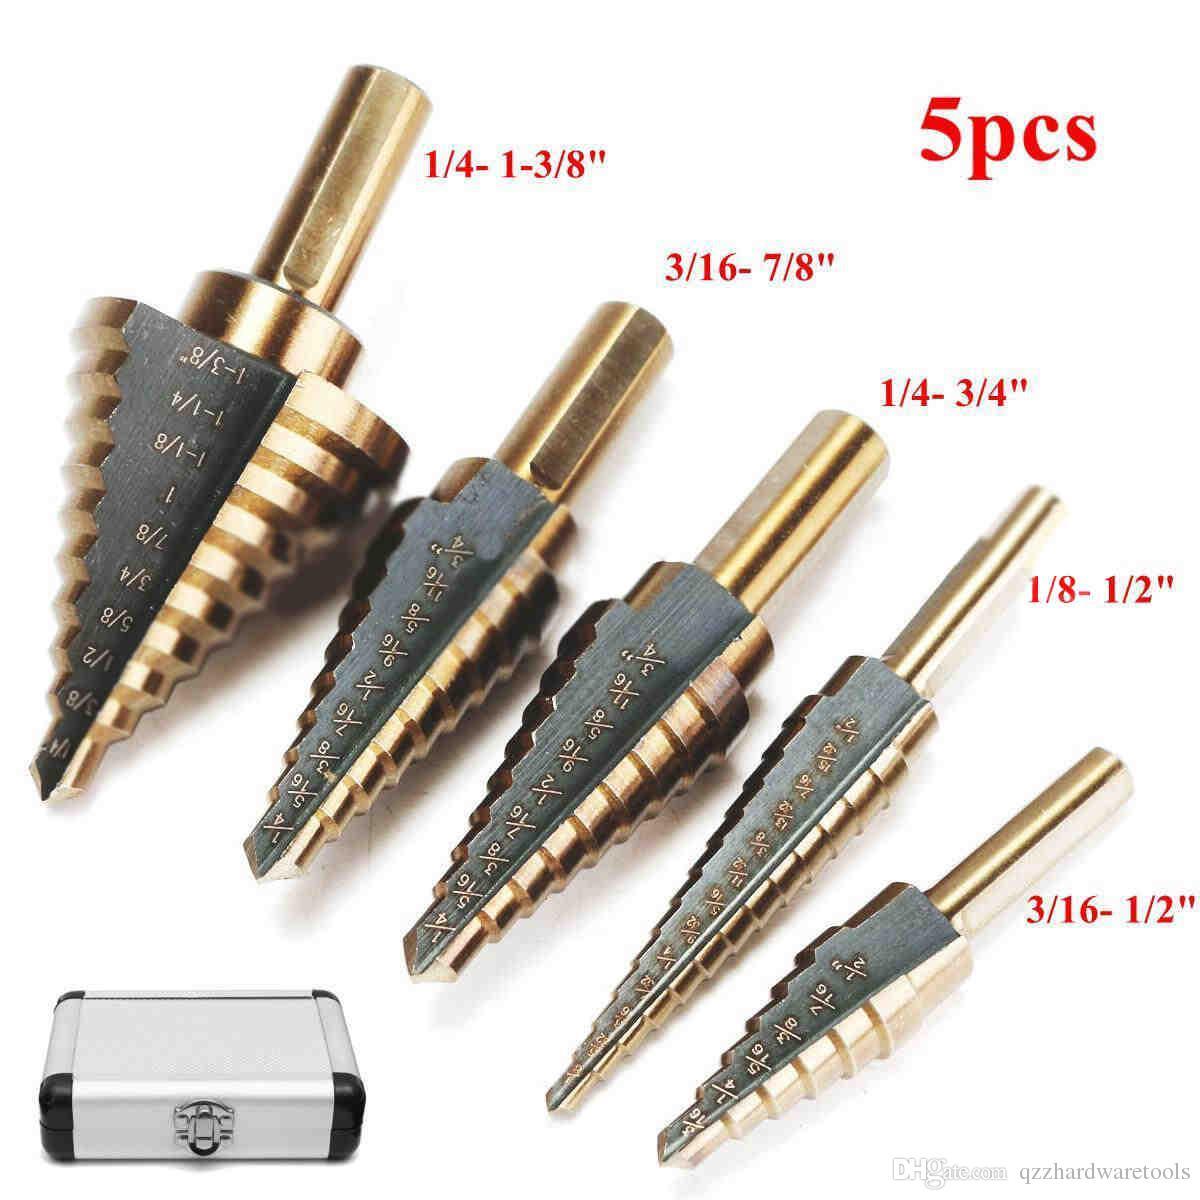 대형 코발트 스텝 드릴 HSS 스텝 티타늄 코어 드릴 여러 구멍 커터 드릴 비트 세트 도구와 함께 케이스